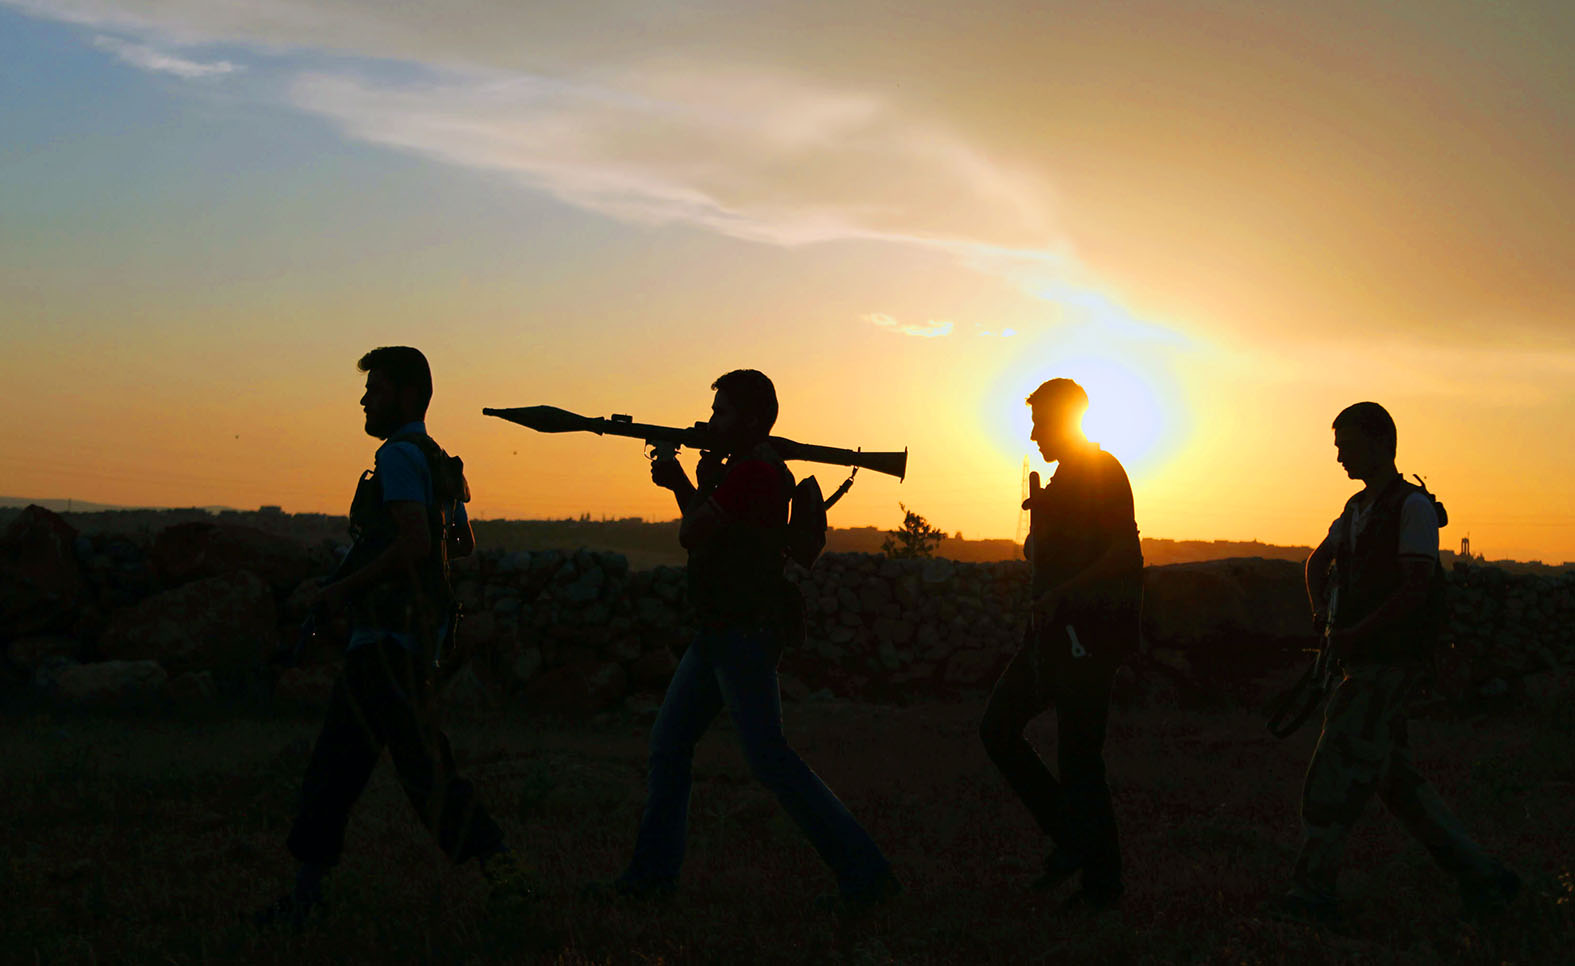 Россия стала добрым мировым полицейским, останавливающим беспредел западных гангстеров